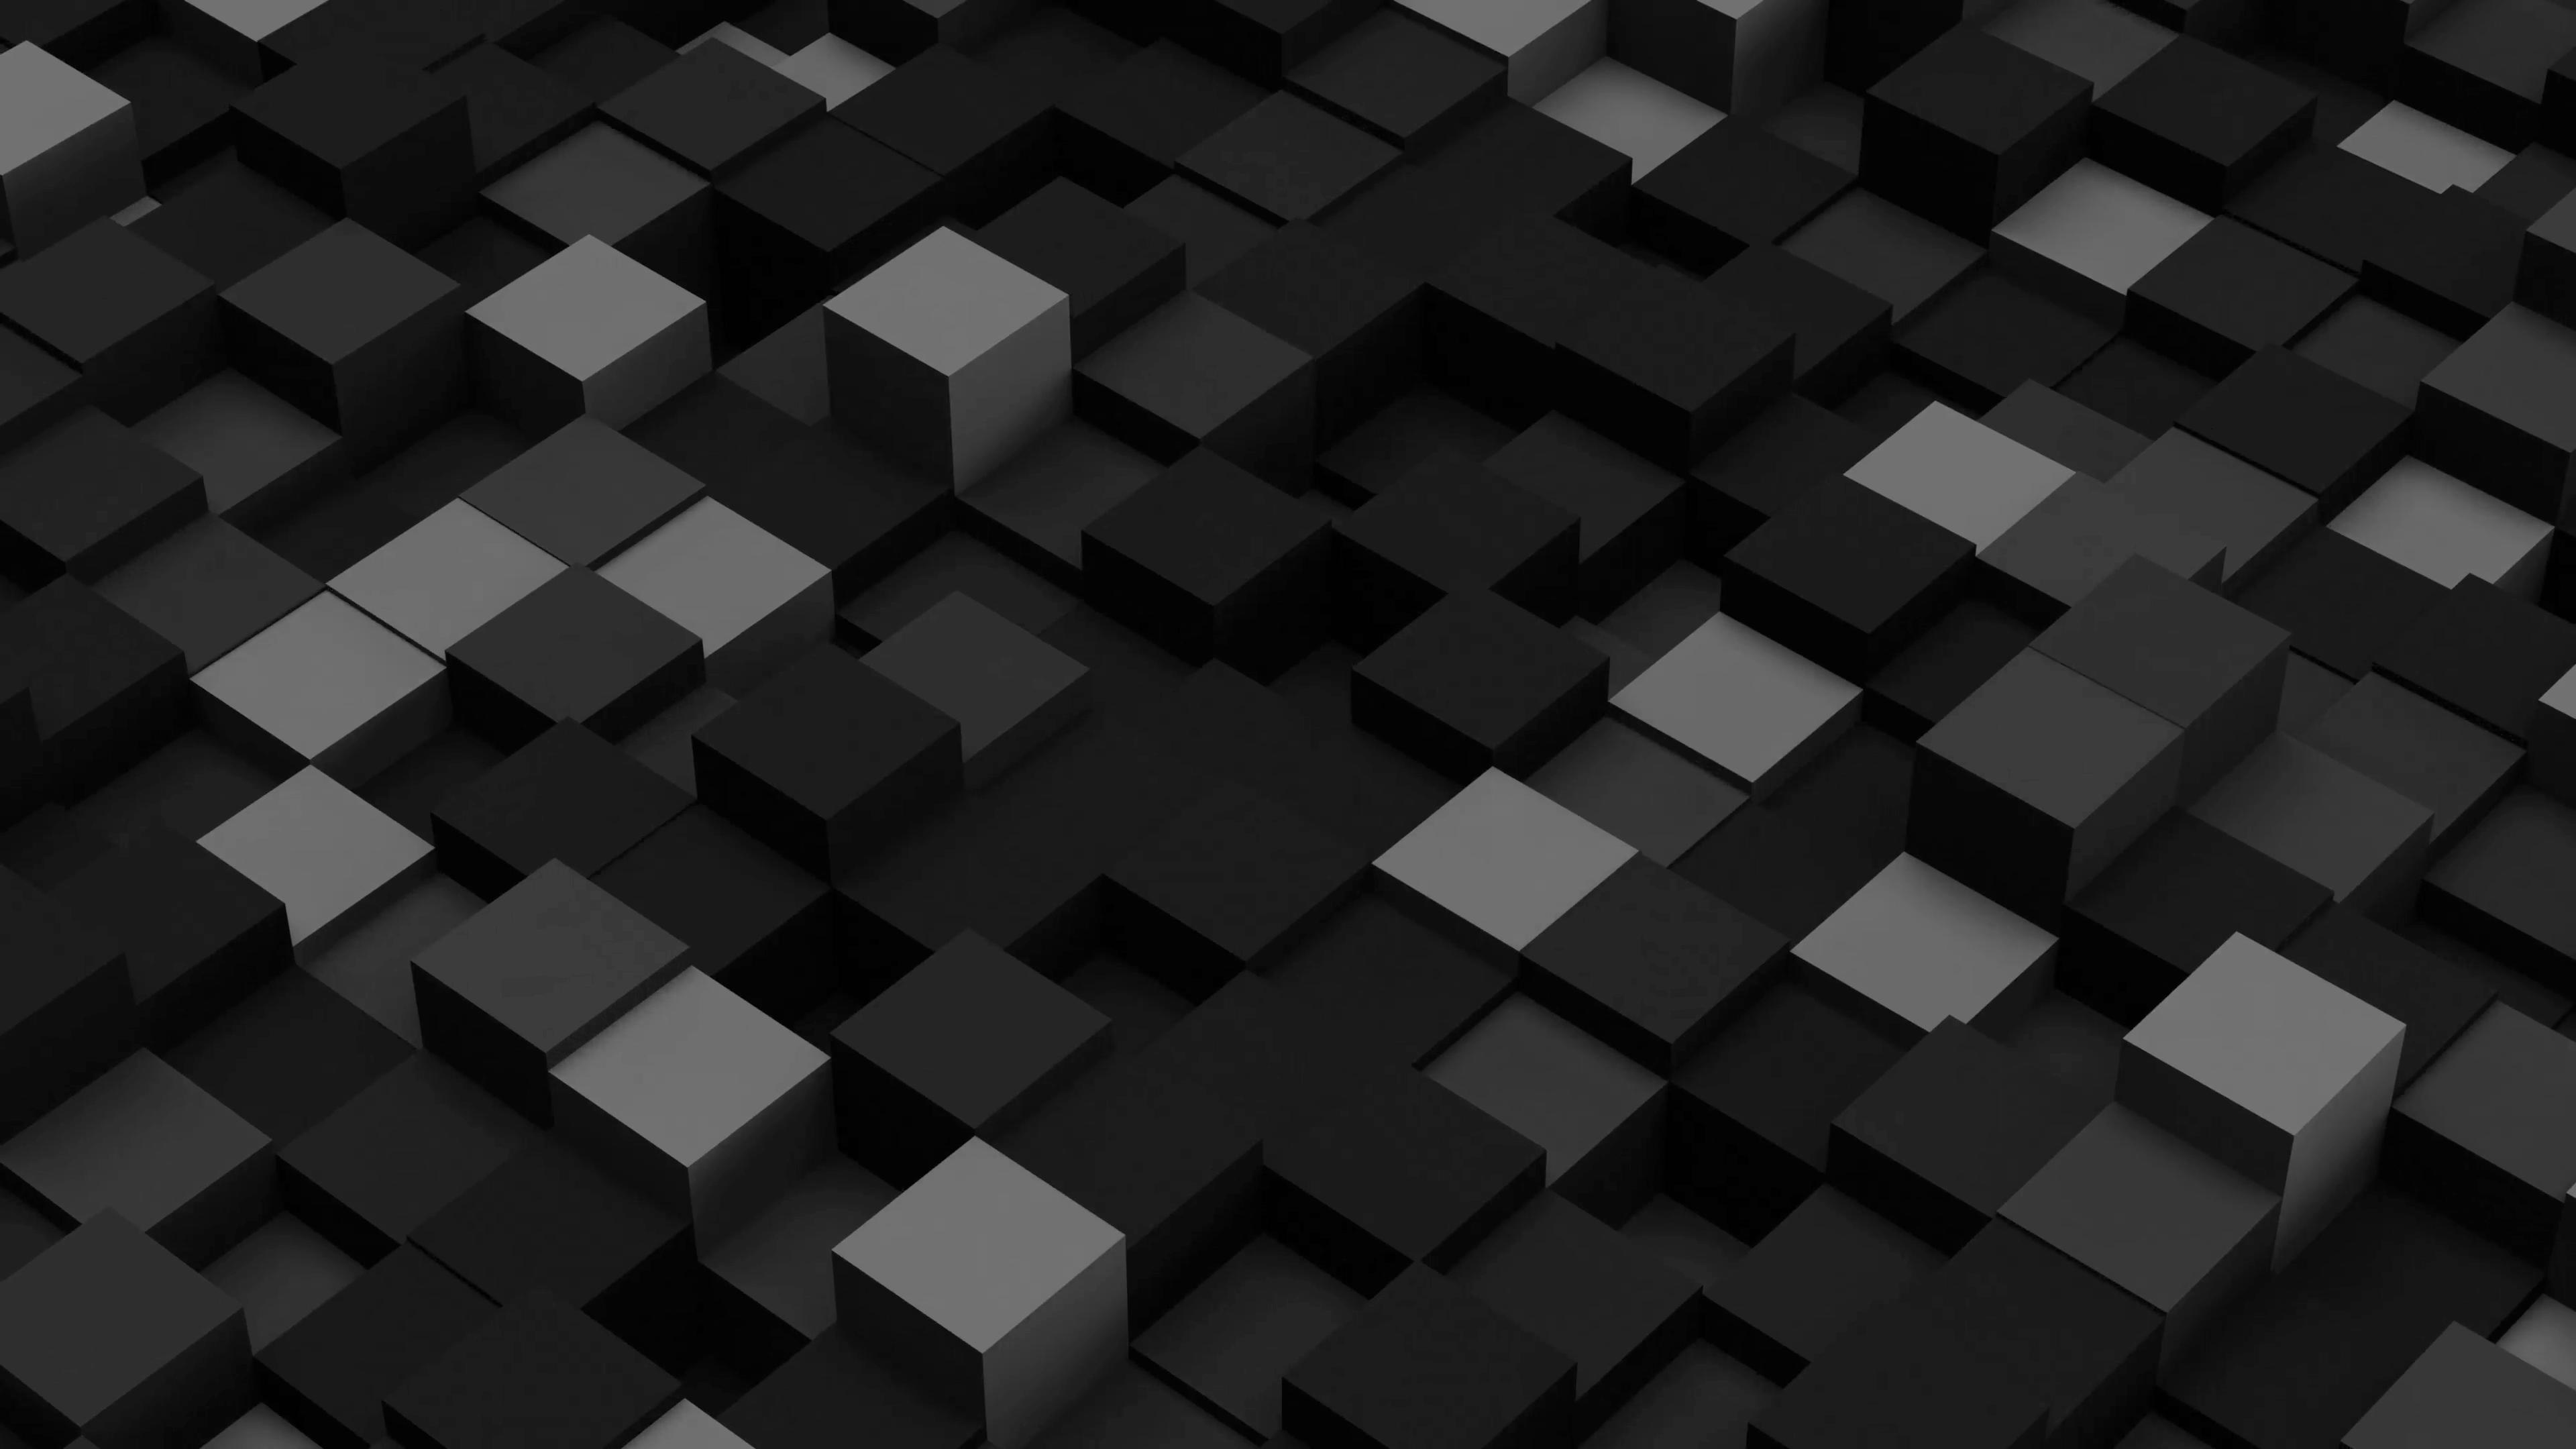 Dark Grey Backgrounds - Wallpaper Cave